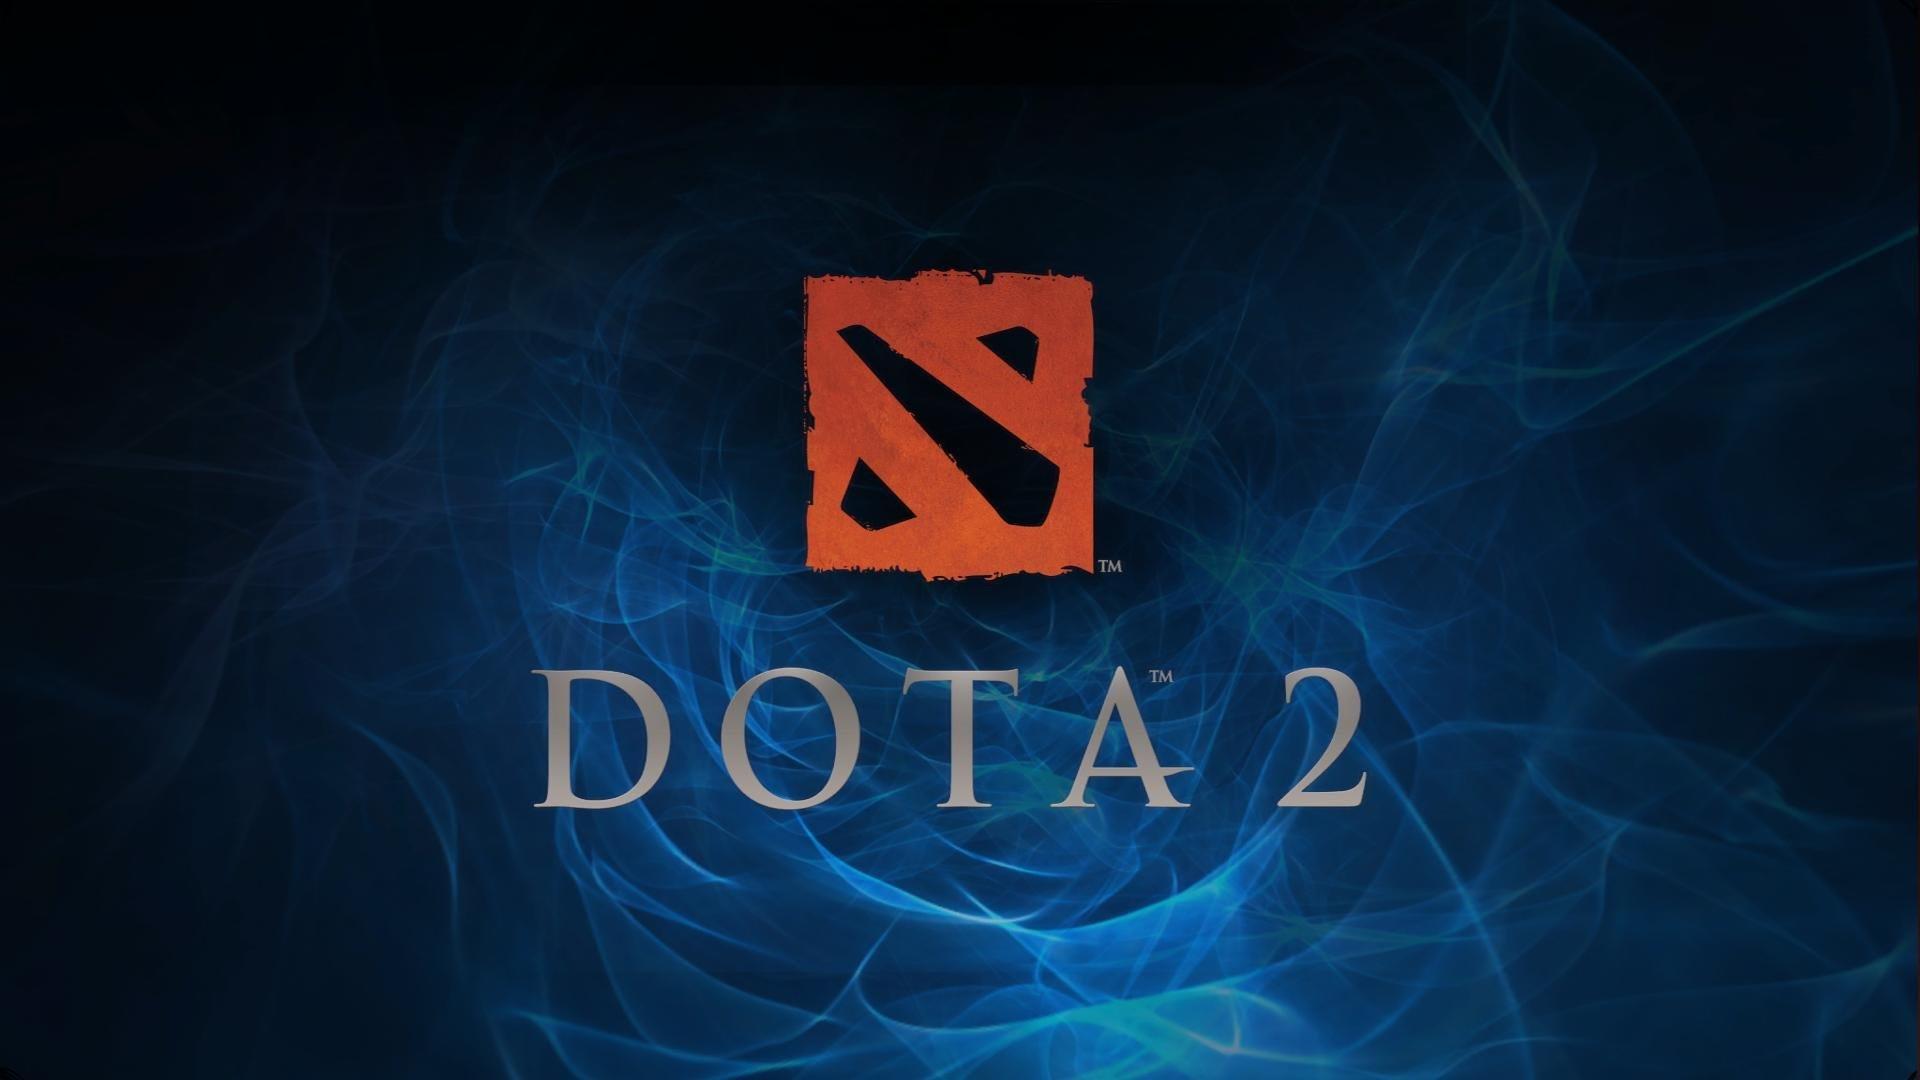 Dota 2 больше не наиболее популярная игра— специалисты